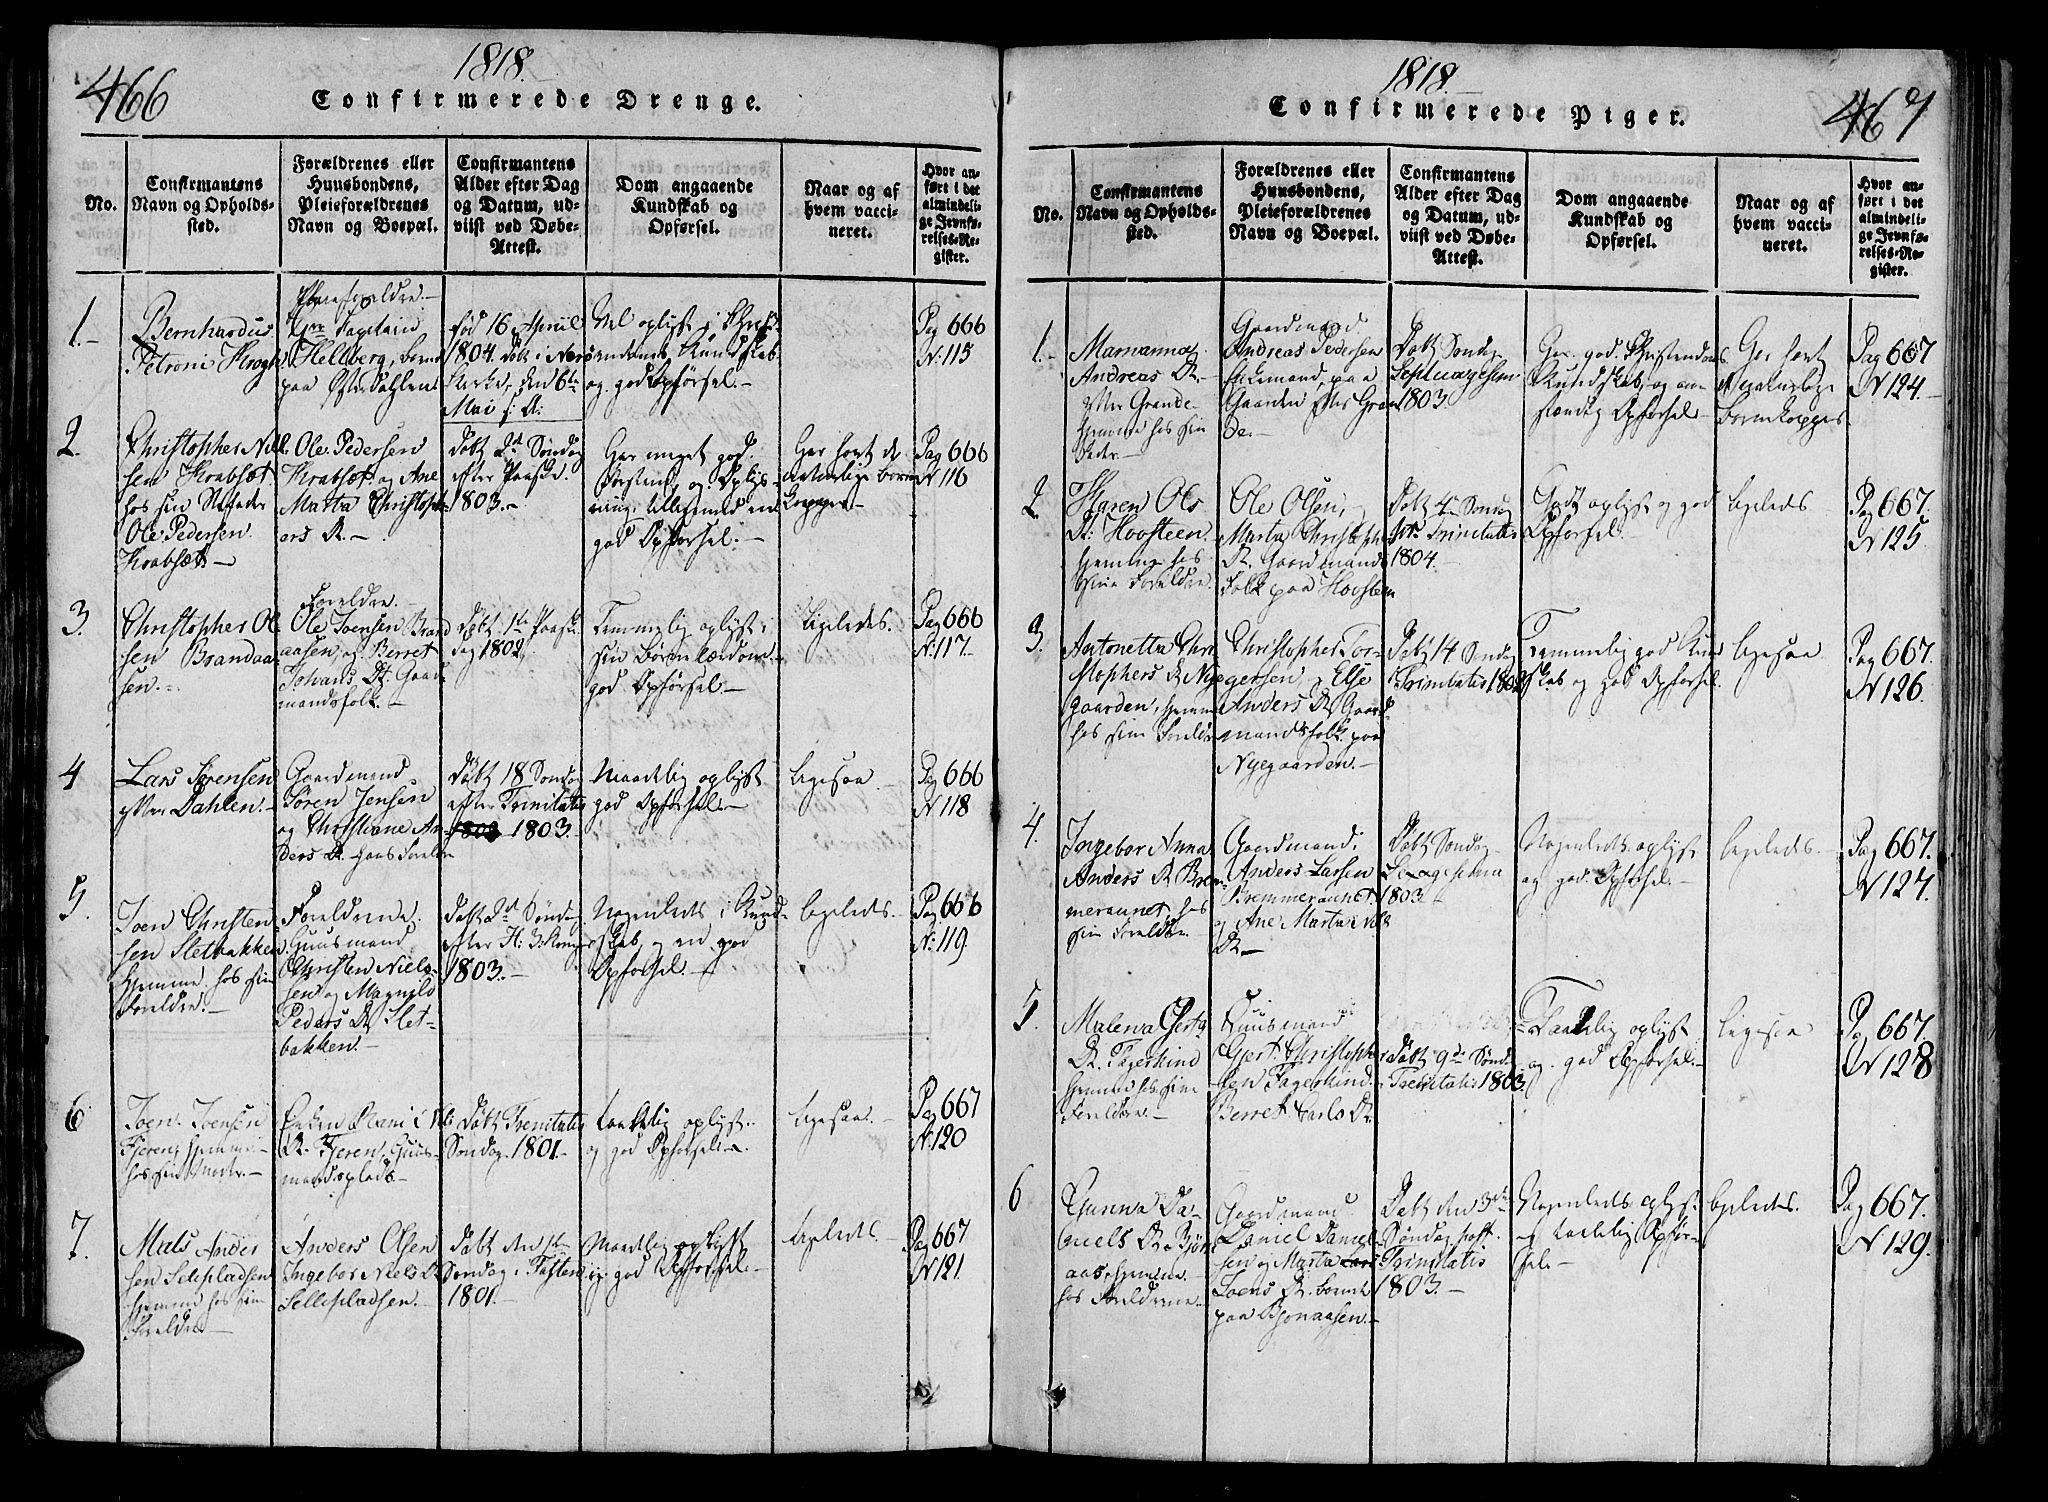 SAT, Ministerialprotokoller, klokkerbøker og fødselsregistre - Nord-Trøndelag, 701/L0005: Ministerialbok nr. 701A05 /1, 1816-1825, s. 466-467